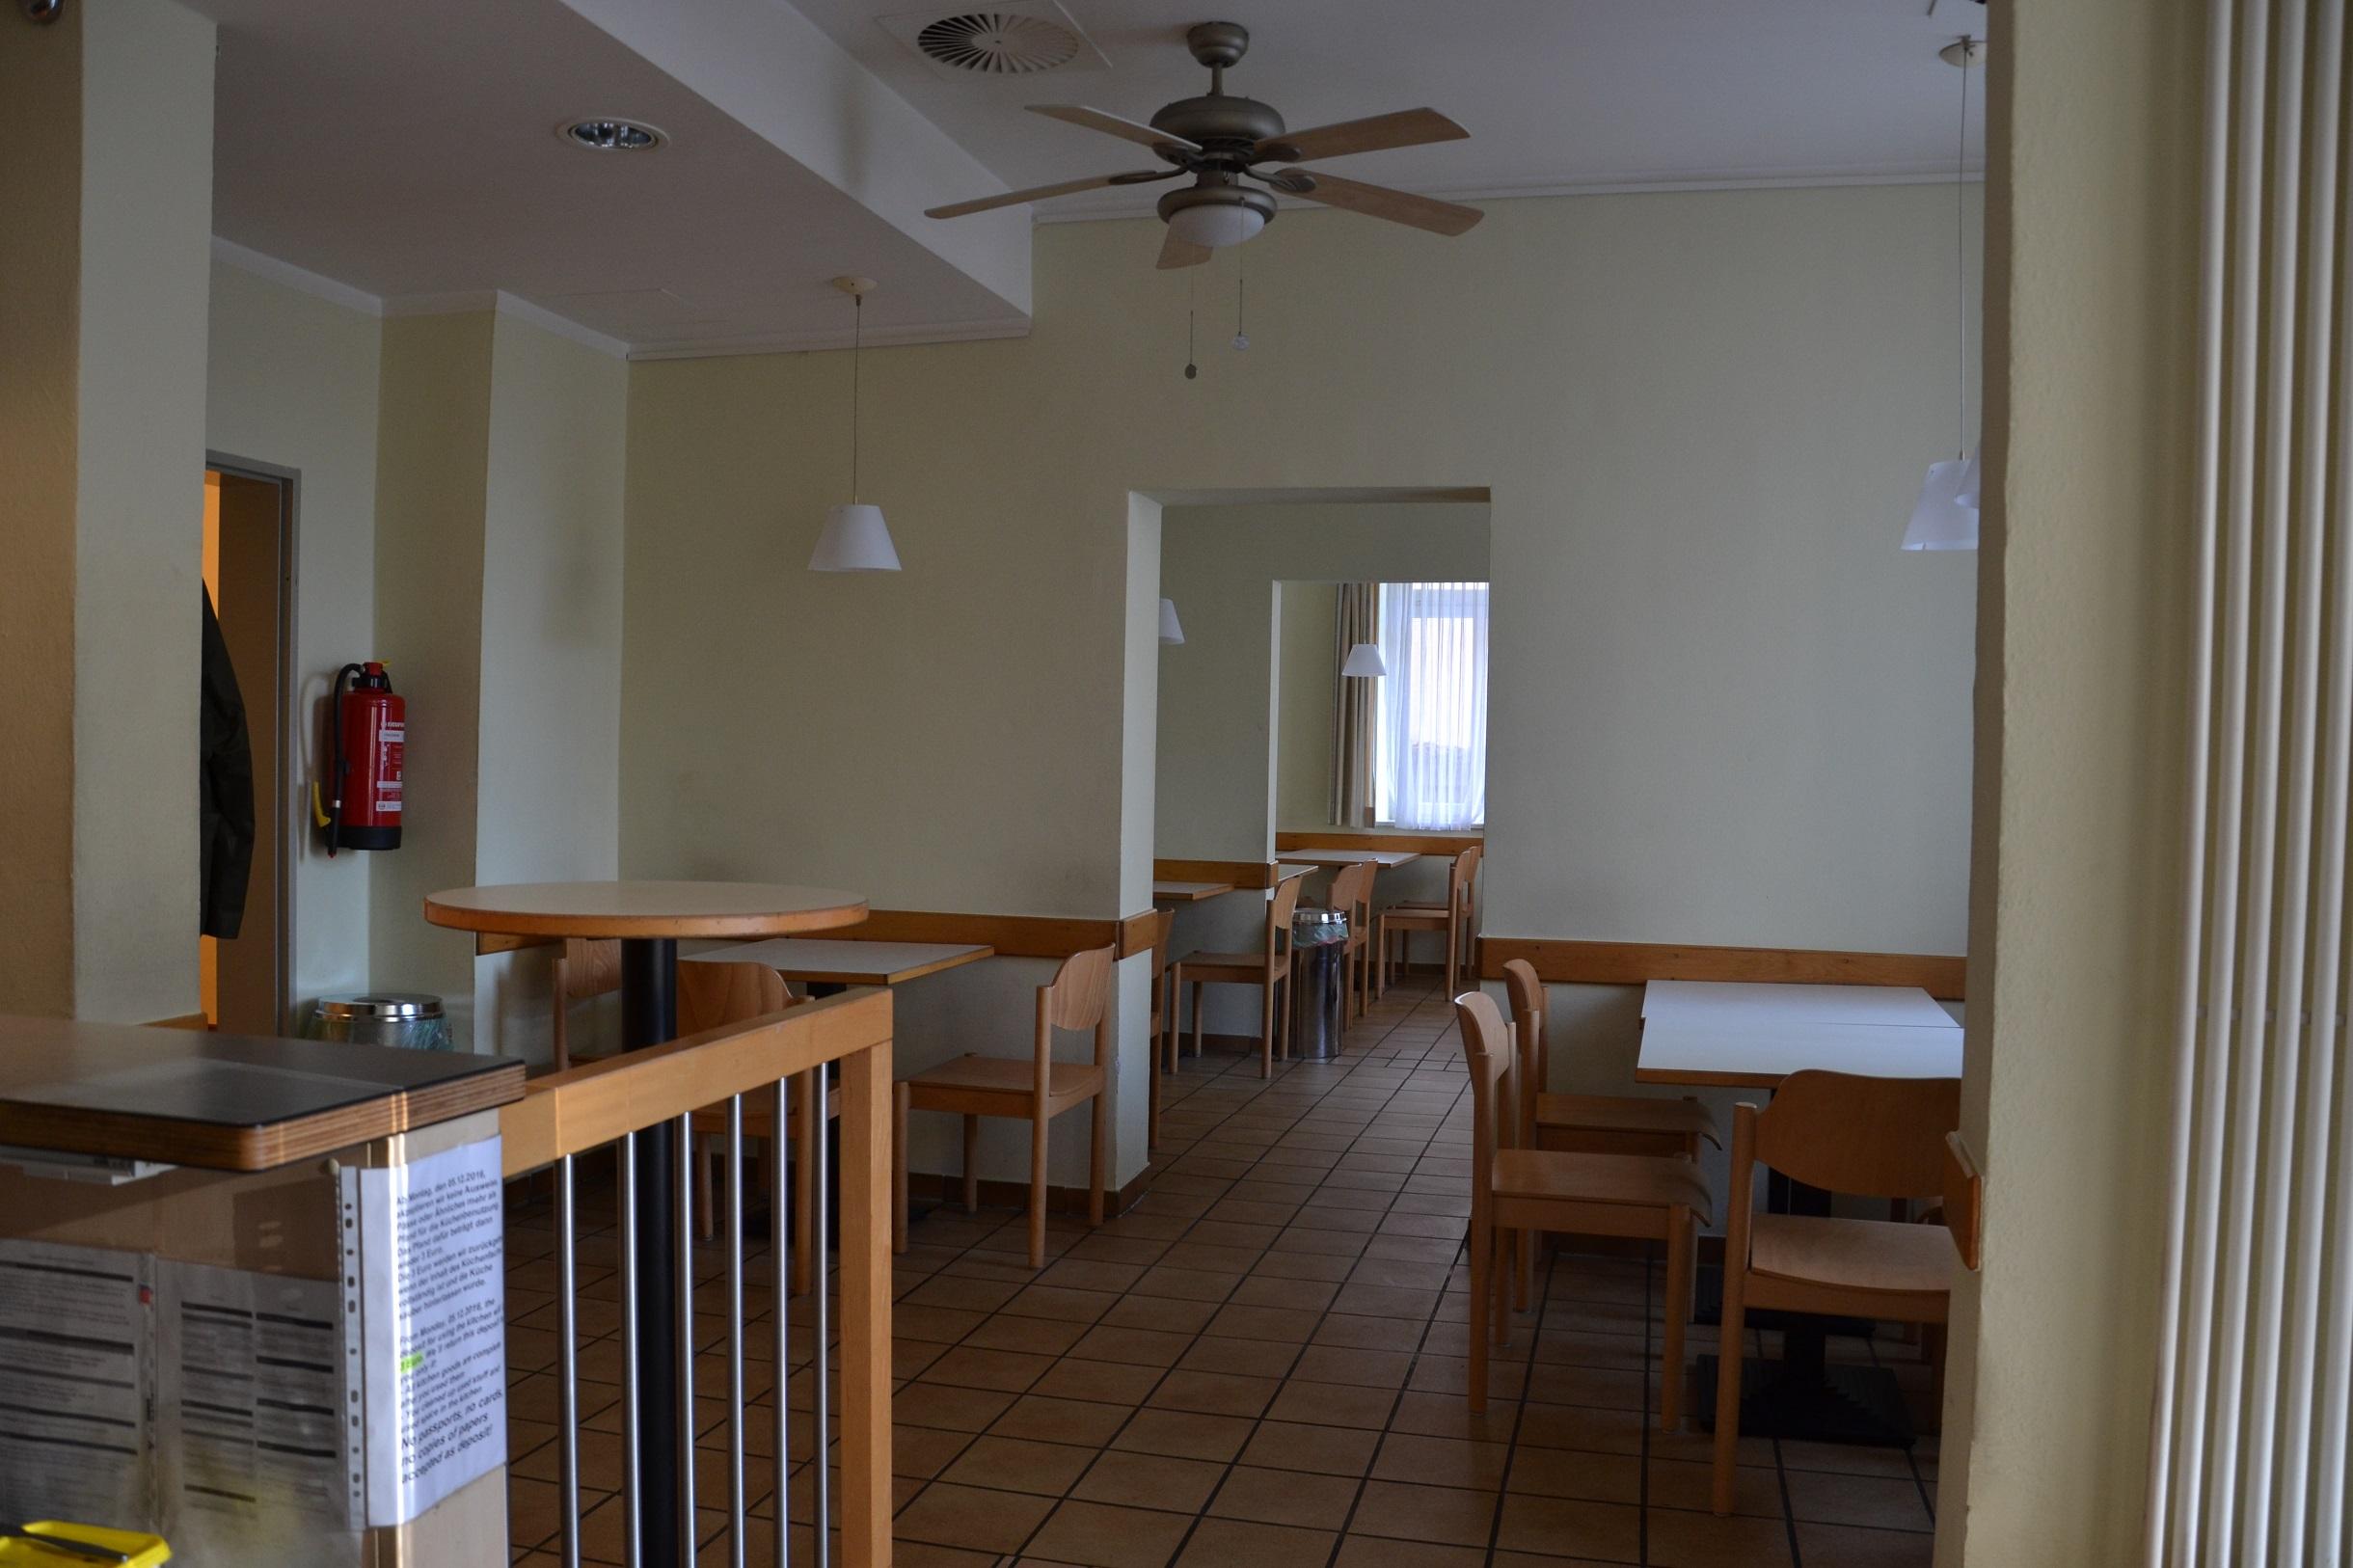 Blick auf den Gemeinschaftsraum der Teestube.